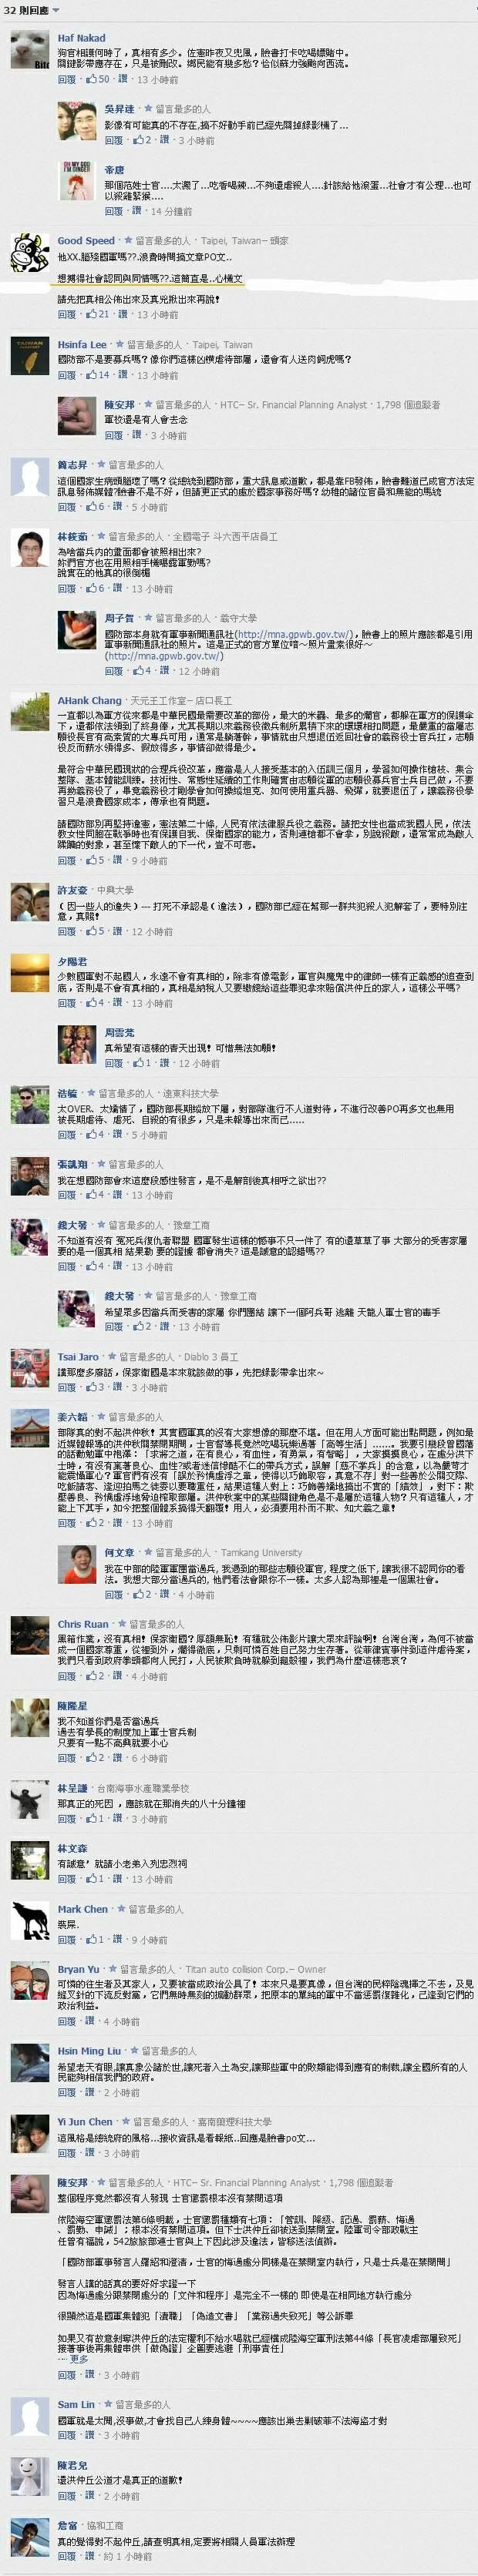 國防部po文:仲丘 部隊對不起你 網友圍剿-2013.07.14-02.jpg